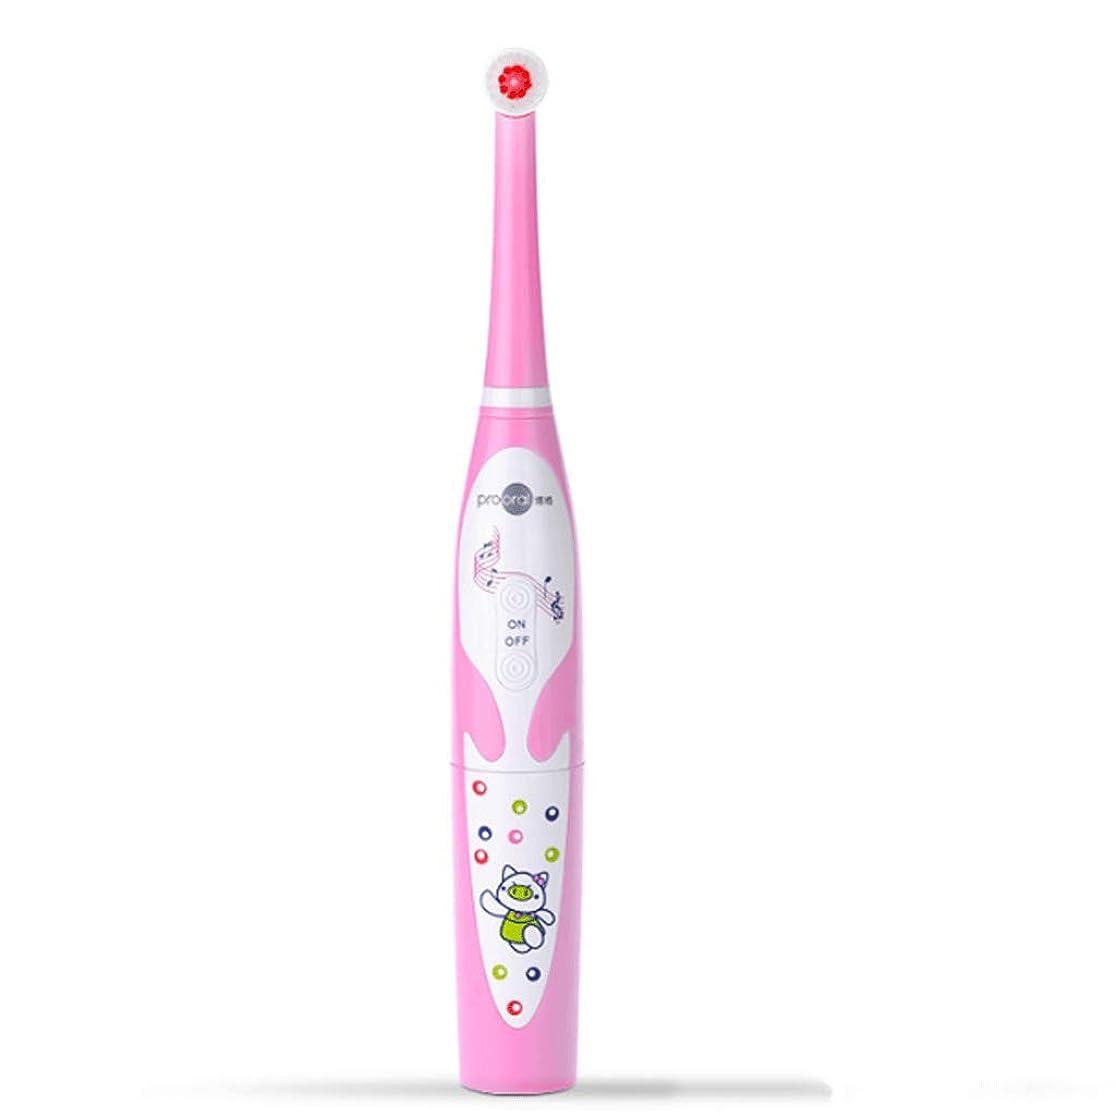 ヒロイック実業家応用子供用電動歯ブラシ美白歯柔らかい美しい漫画アニメ音楽歯ブラシ (色 : Pink)